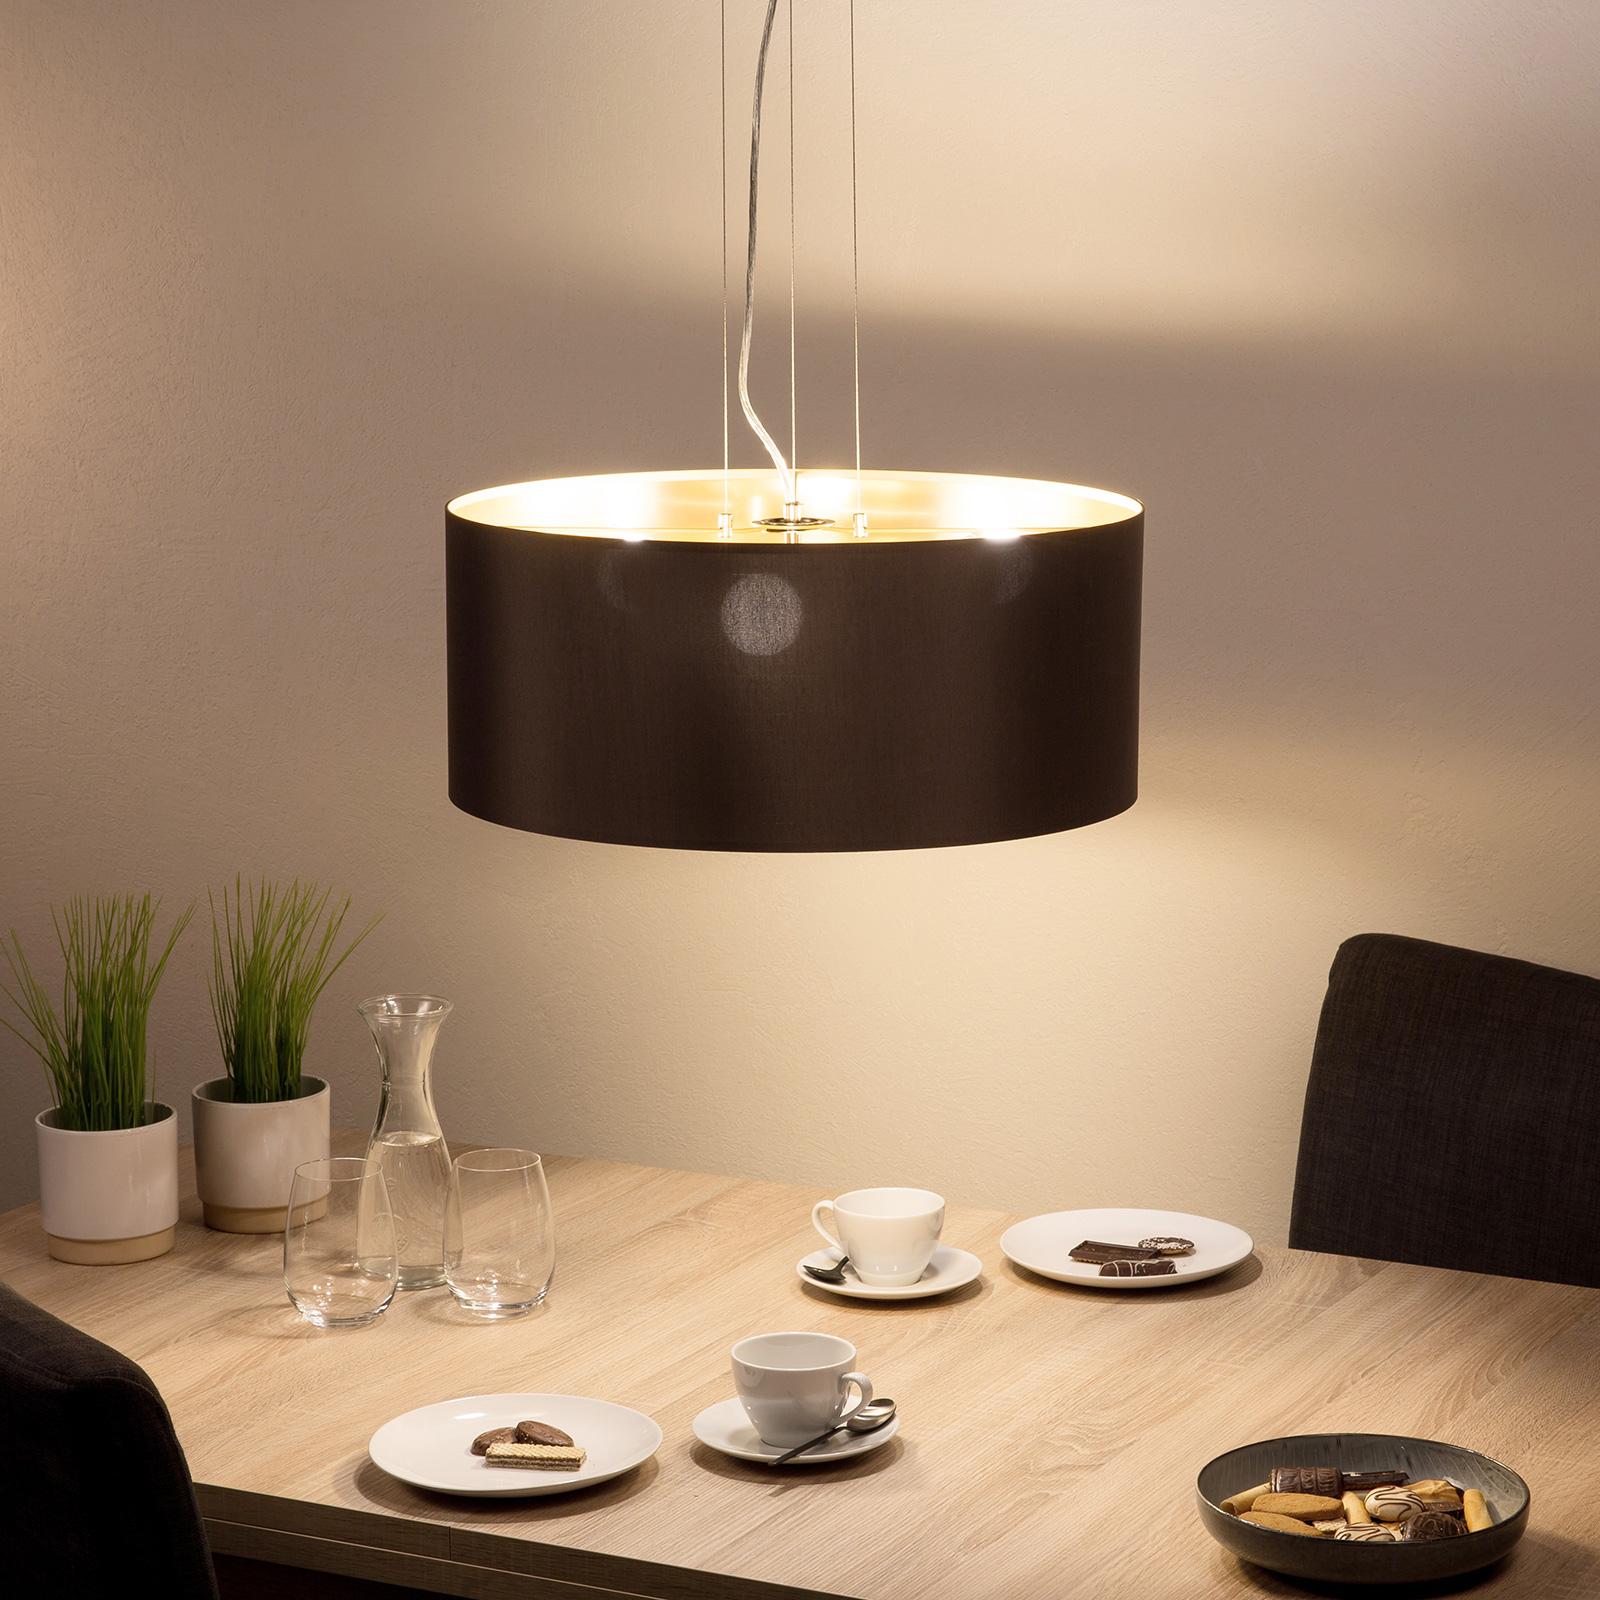 Maserlo textilní závěsné světlo, cappuccino, 53 cm